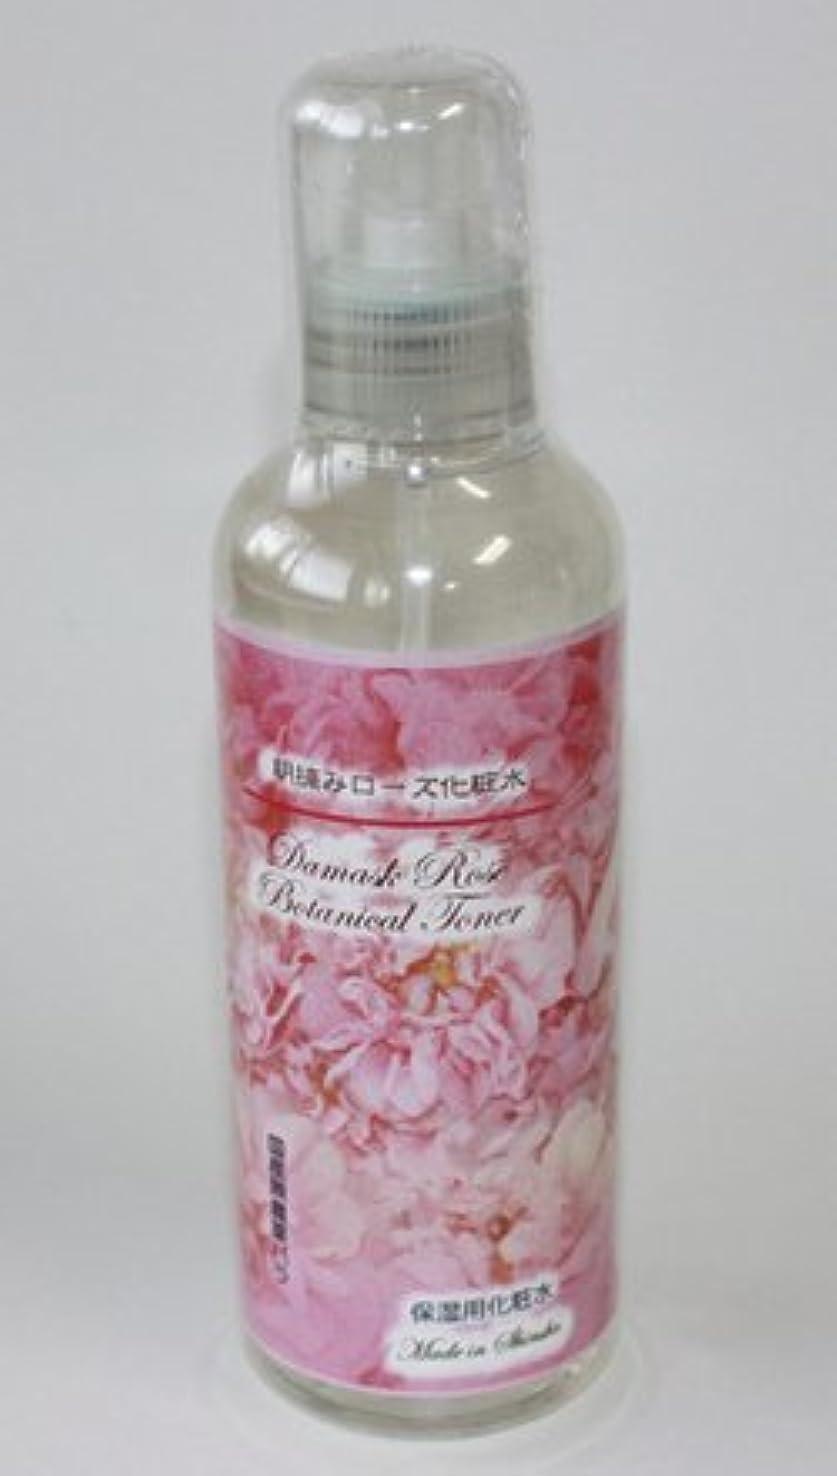 したい平均ボーナス樹万培 普通?混合肌 朝摘みローズ トナー (化粧水) 200ml